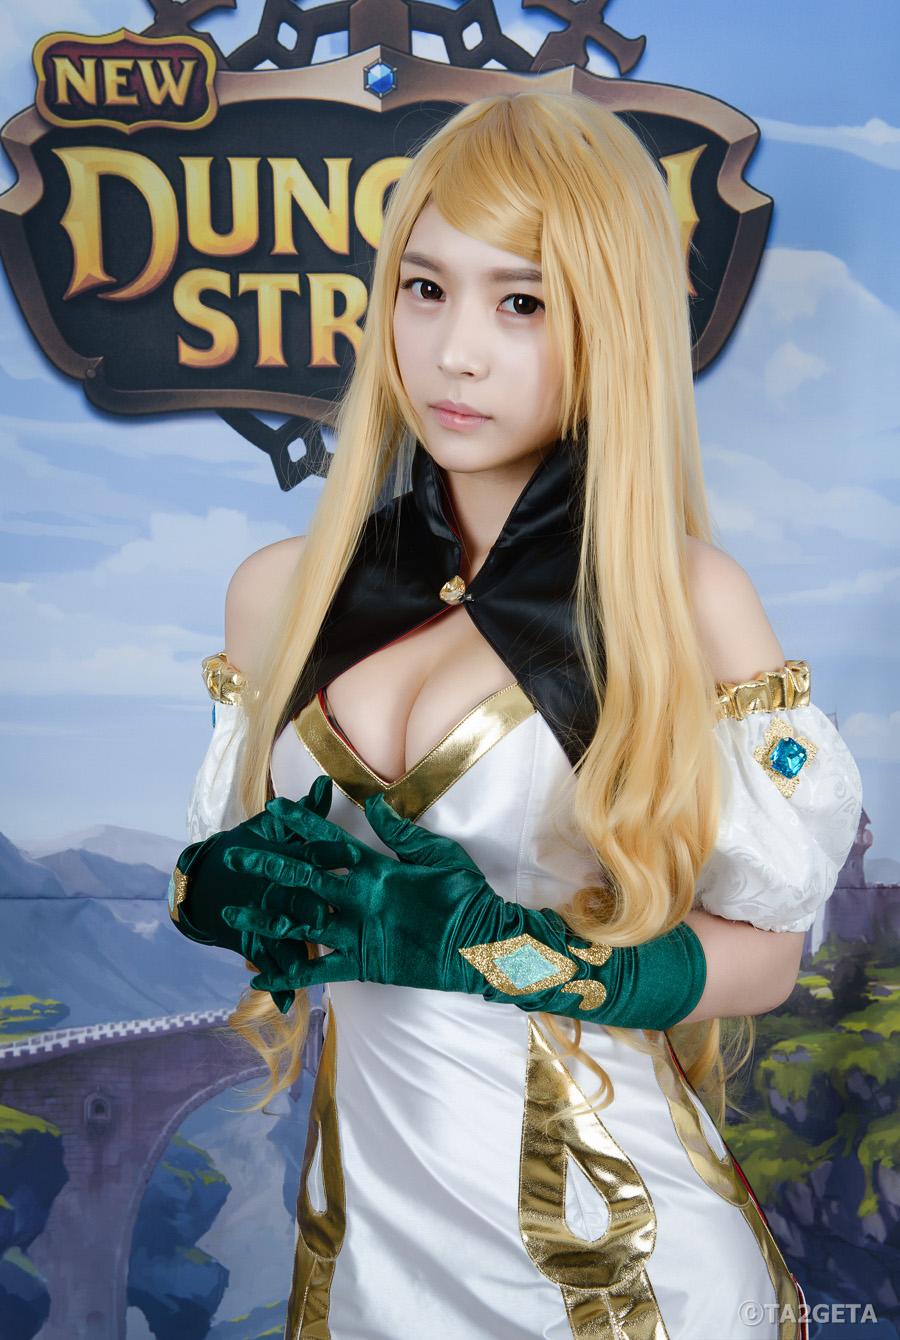 Chảy máu mũi với cosplay New Dungeon Striker - Ảnh 1